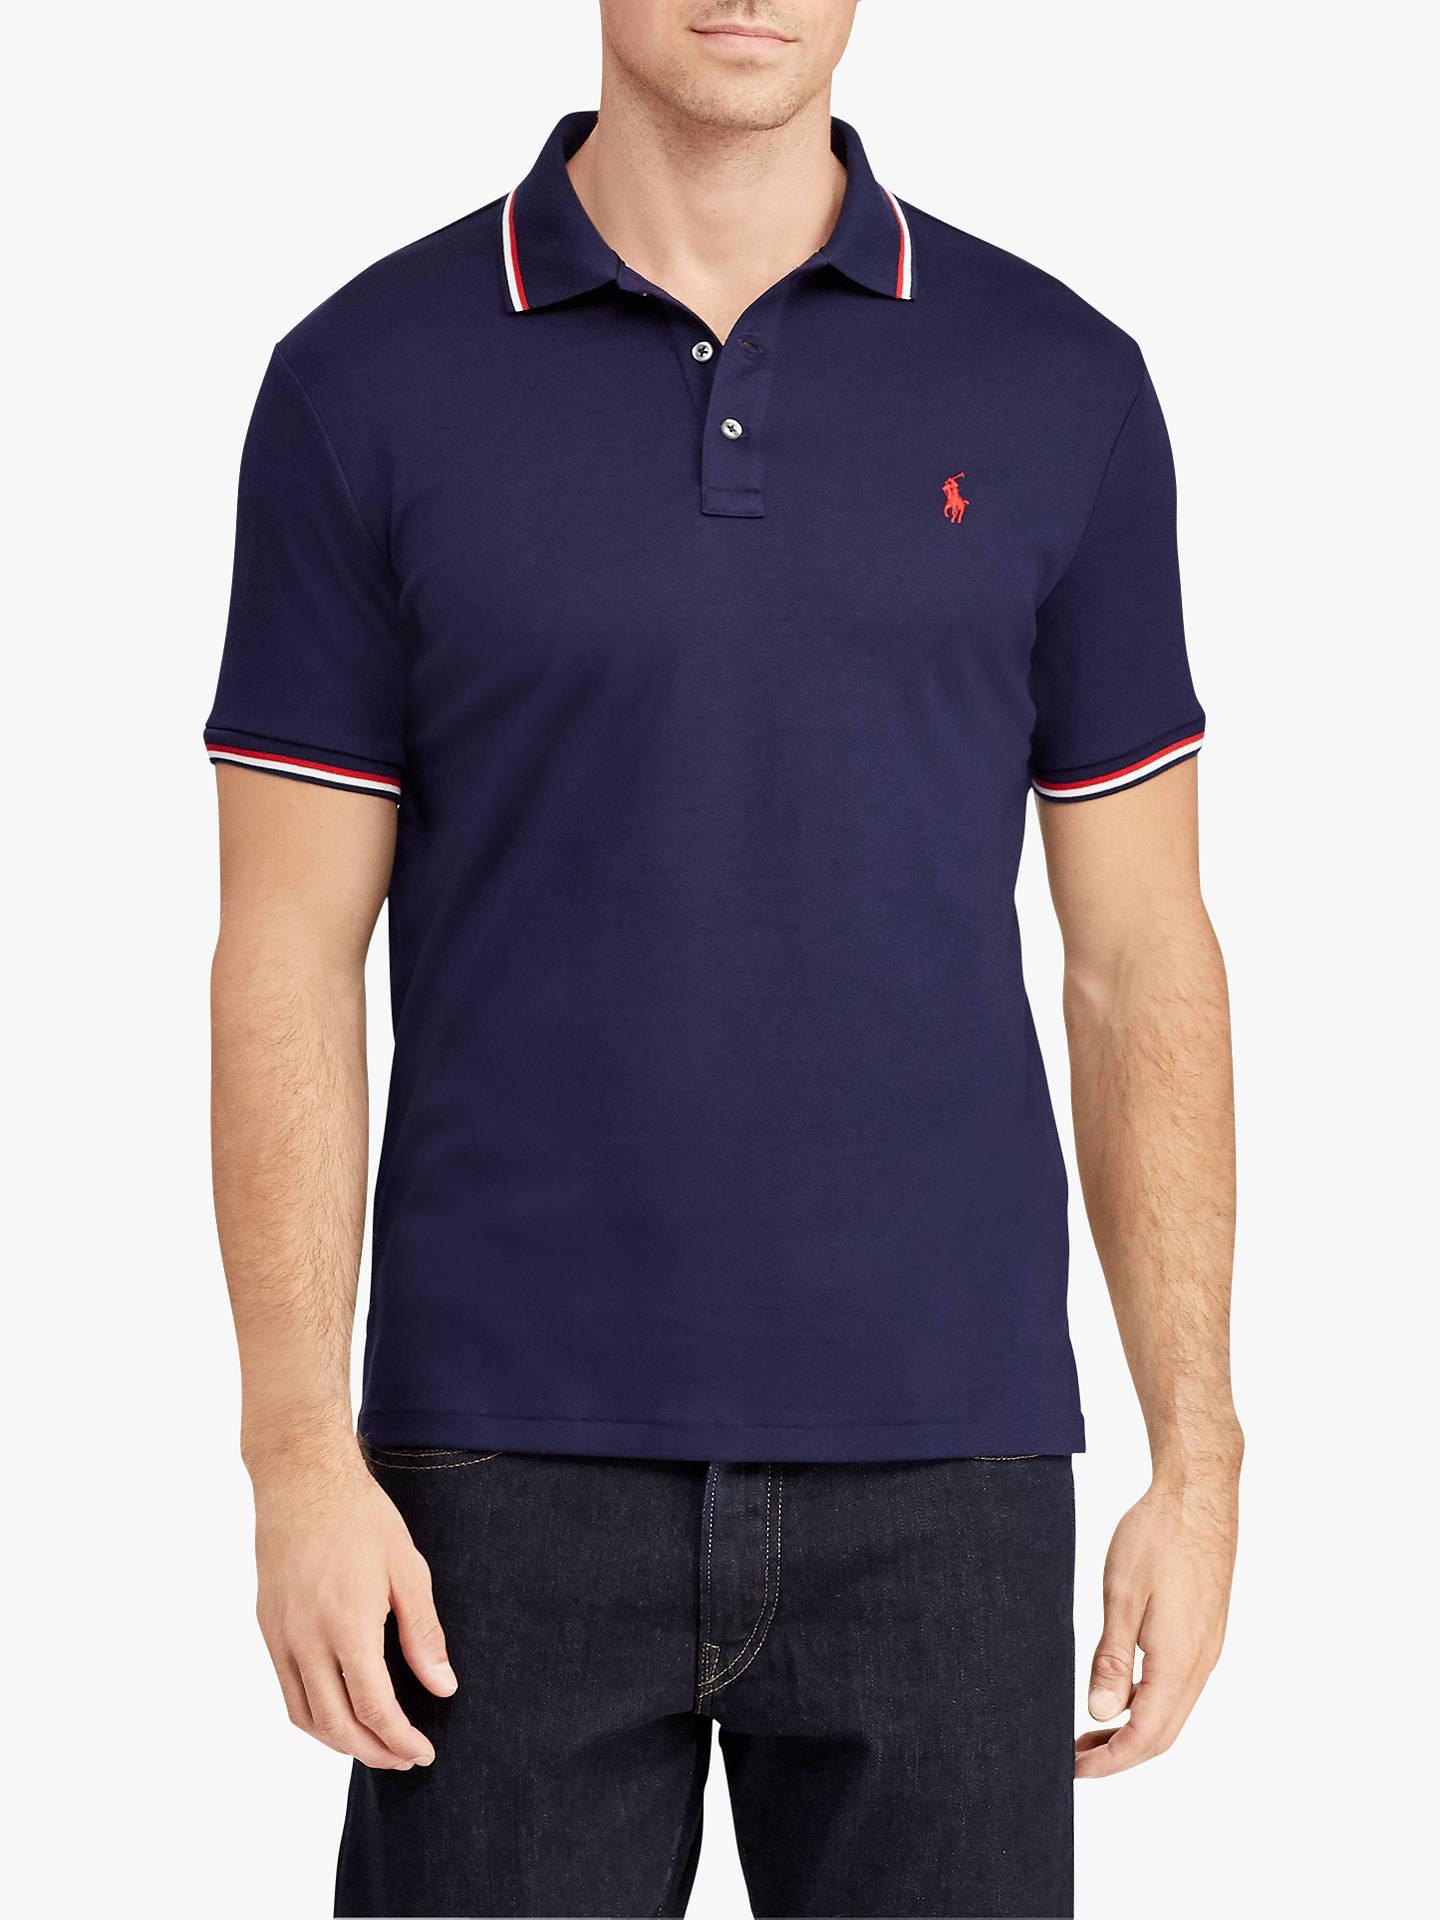 d64cdb637 Polo Ralph Lauren Custom Slim Soft Touch Polo Shirt at John Lewis ...